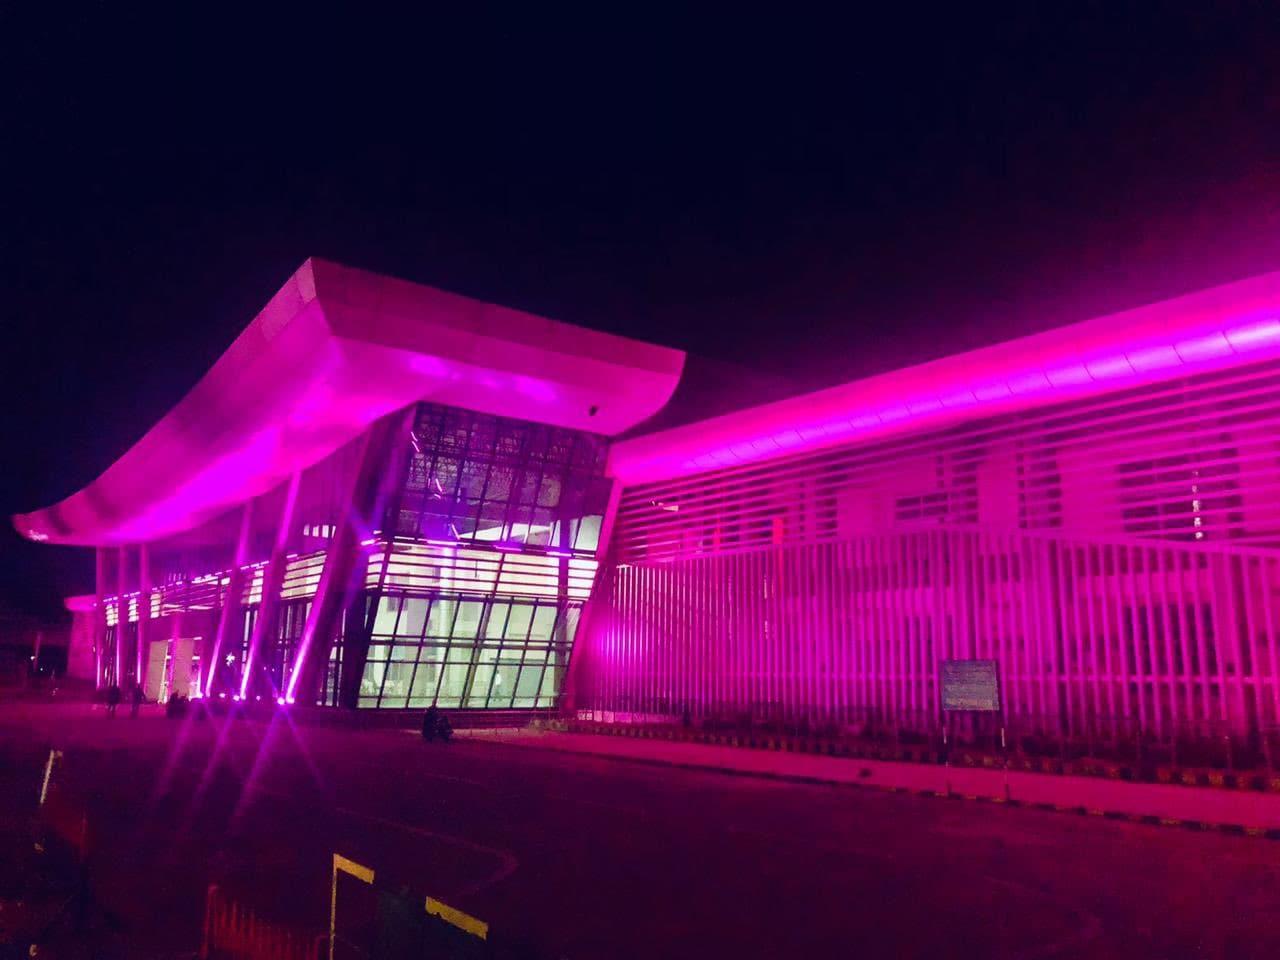 వయలెట్ కలర్లో మెరుస్తున్న ఆంధ్రప్రదేశ్లోని గుంతకల్ రైల్వేస్టేషన్ (image credit - twitter)